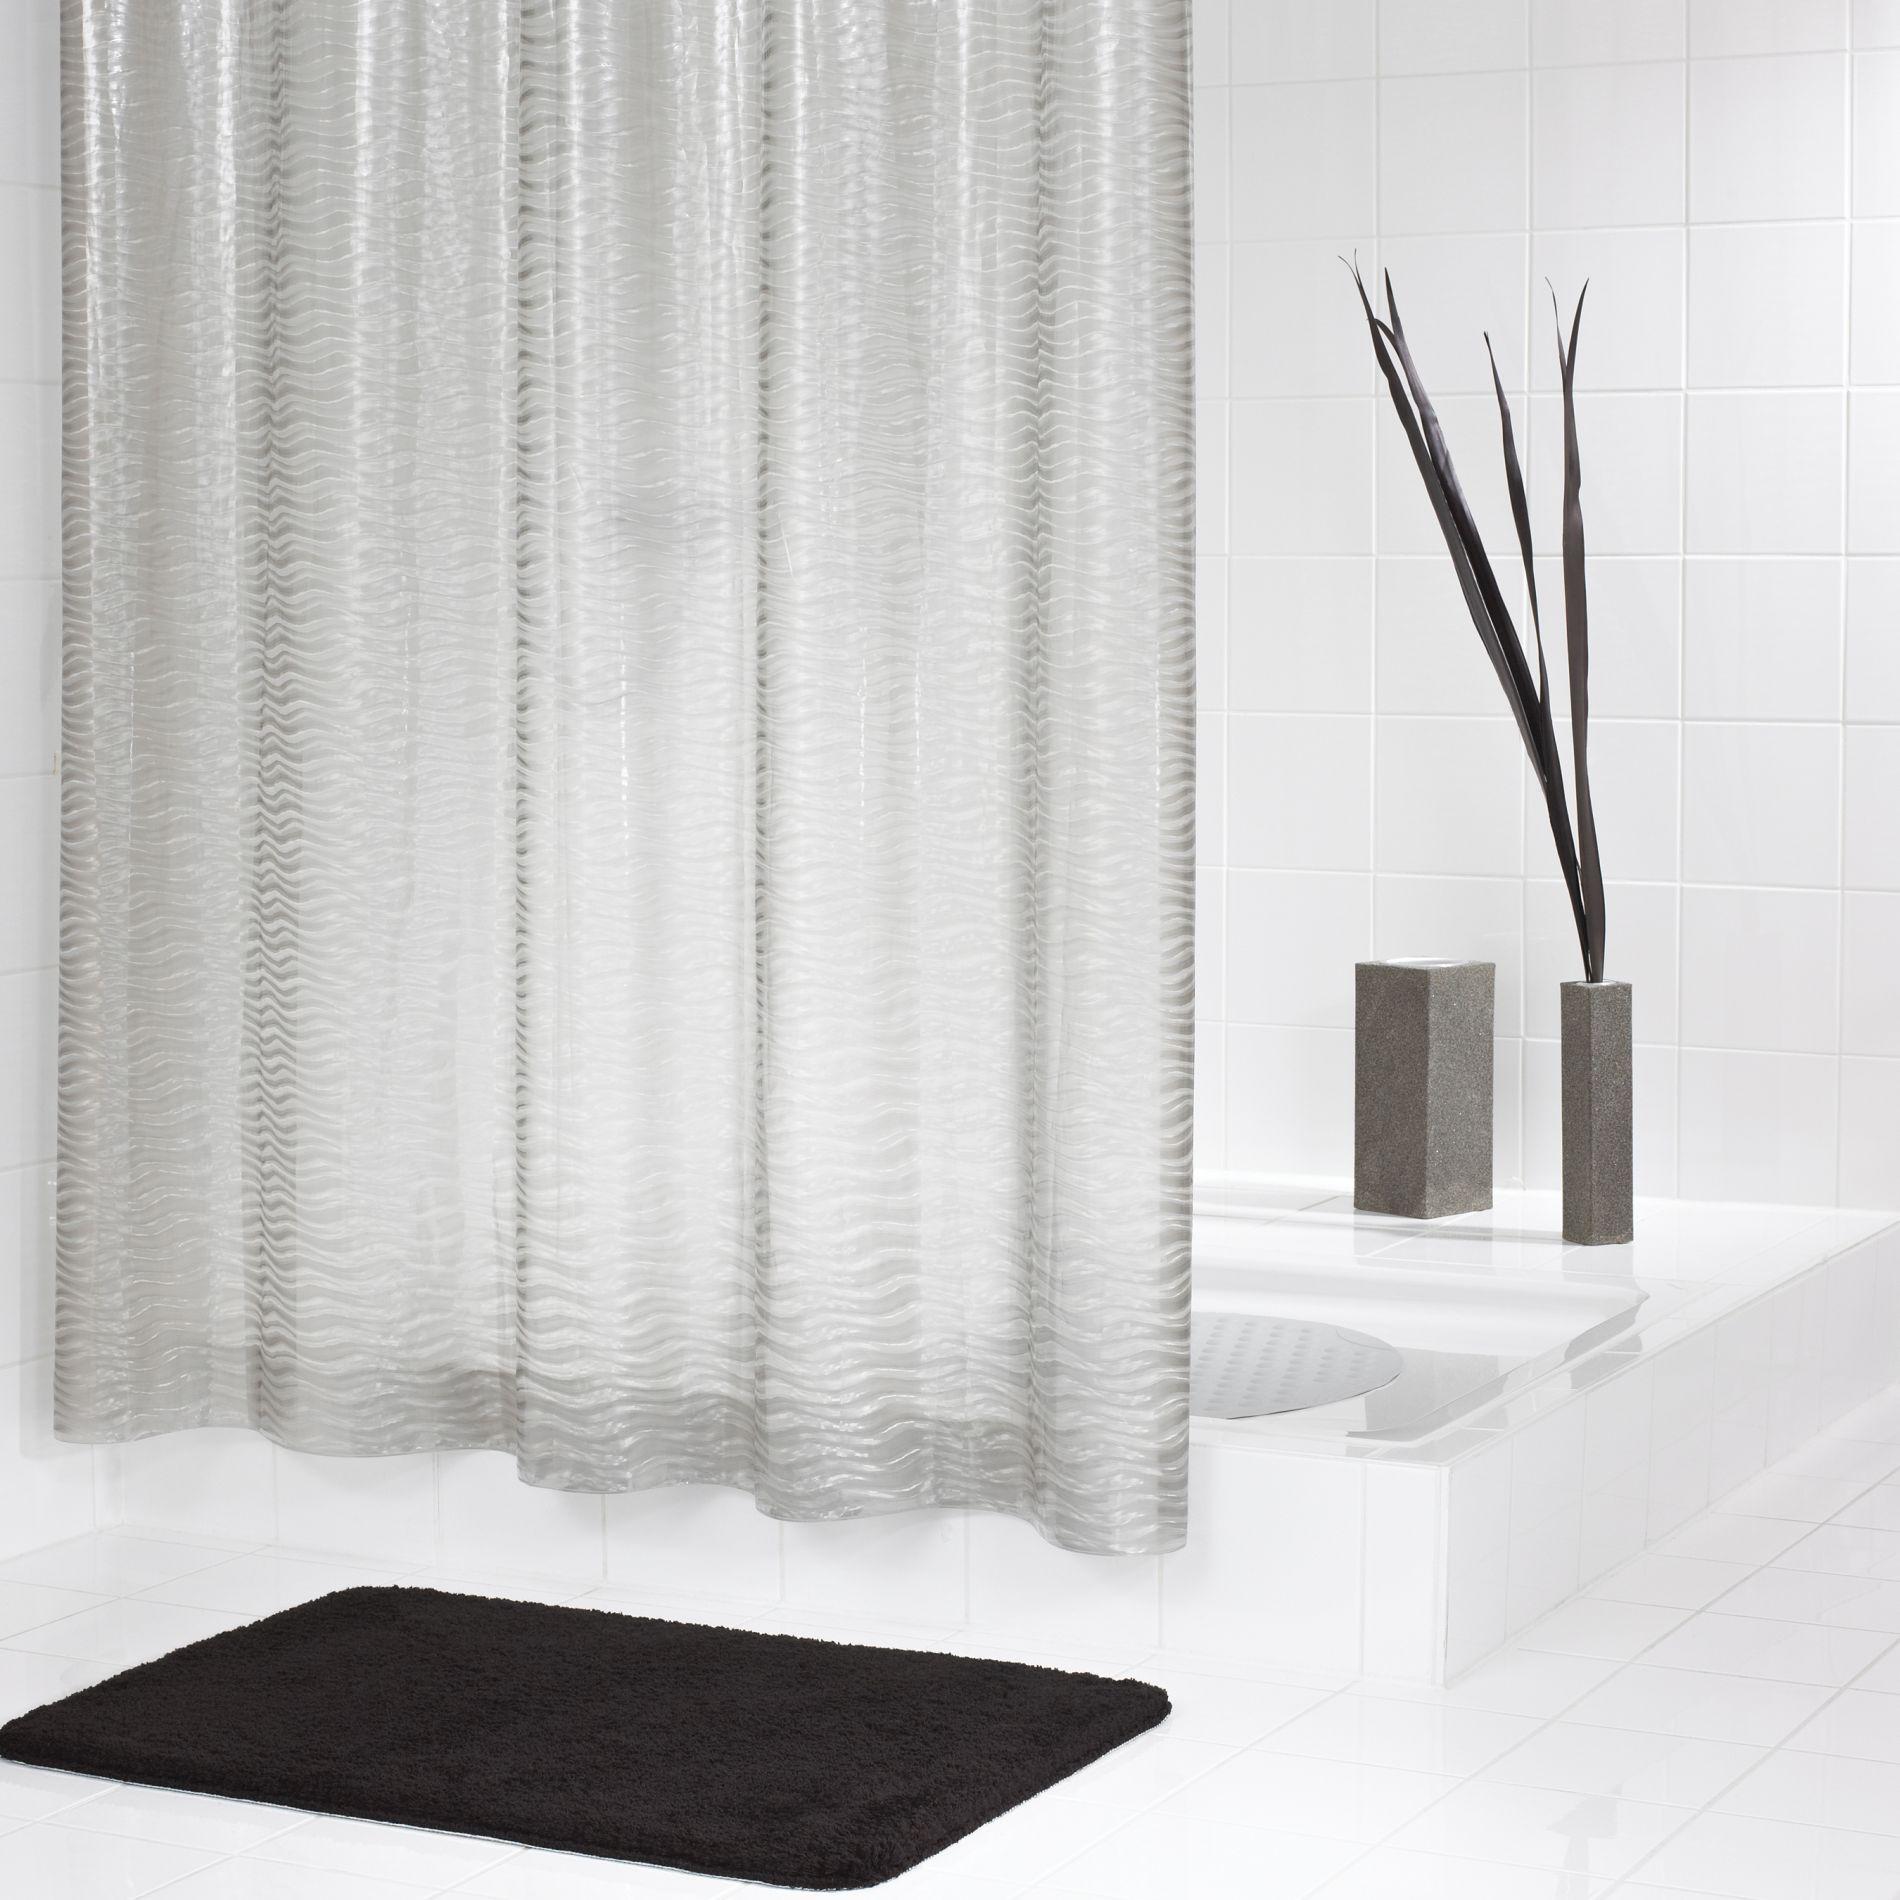 Штора для ванных комнат Silk полупрозрачный 180*200 Ridder для ванных комнат